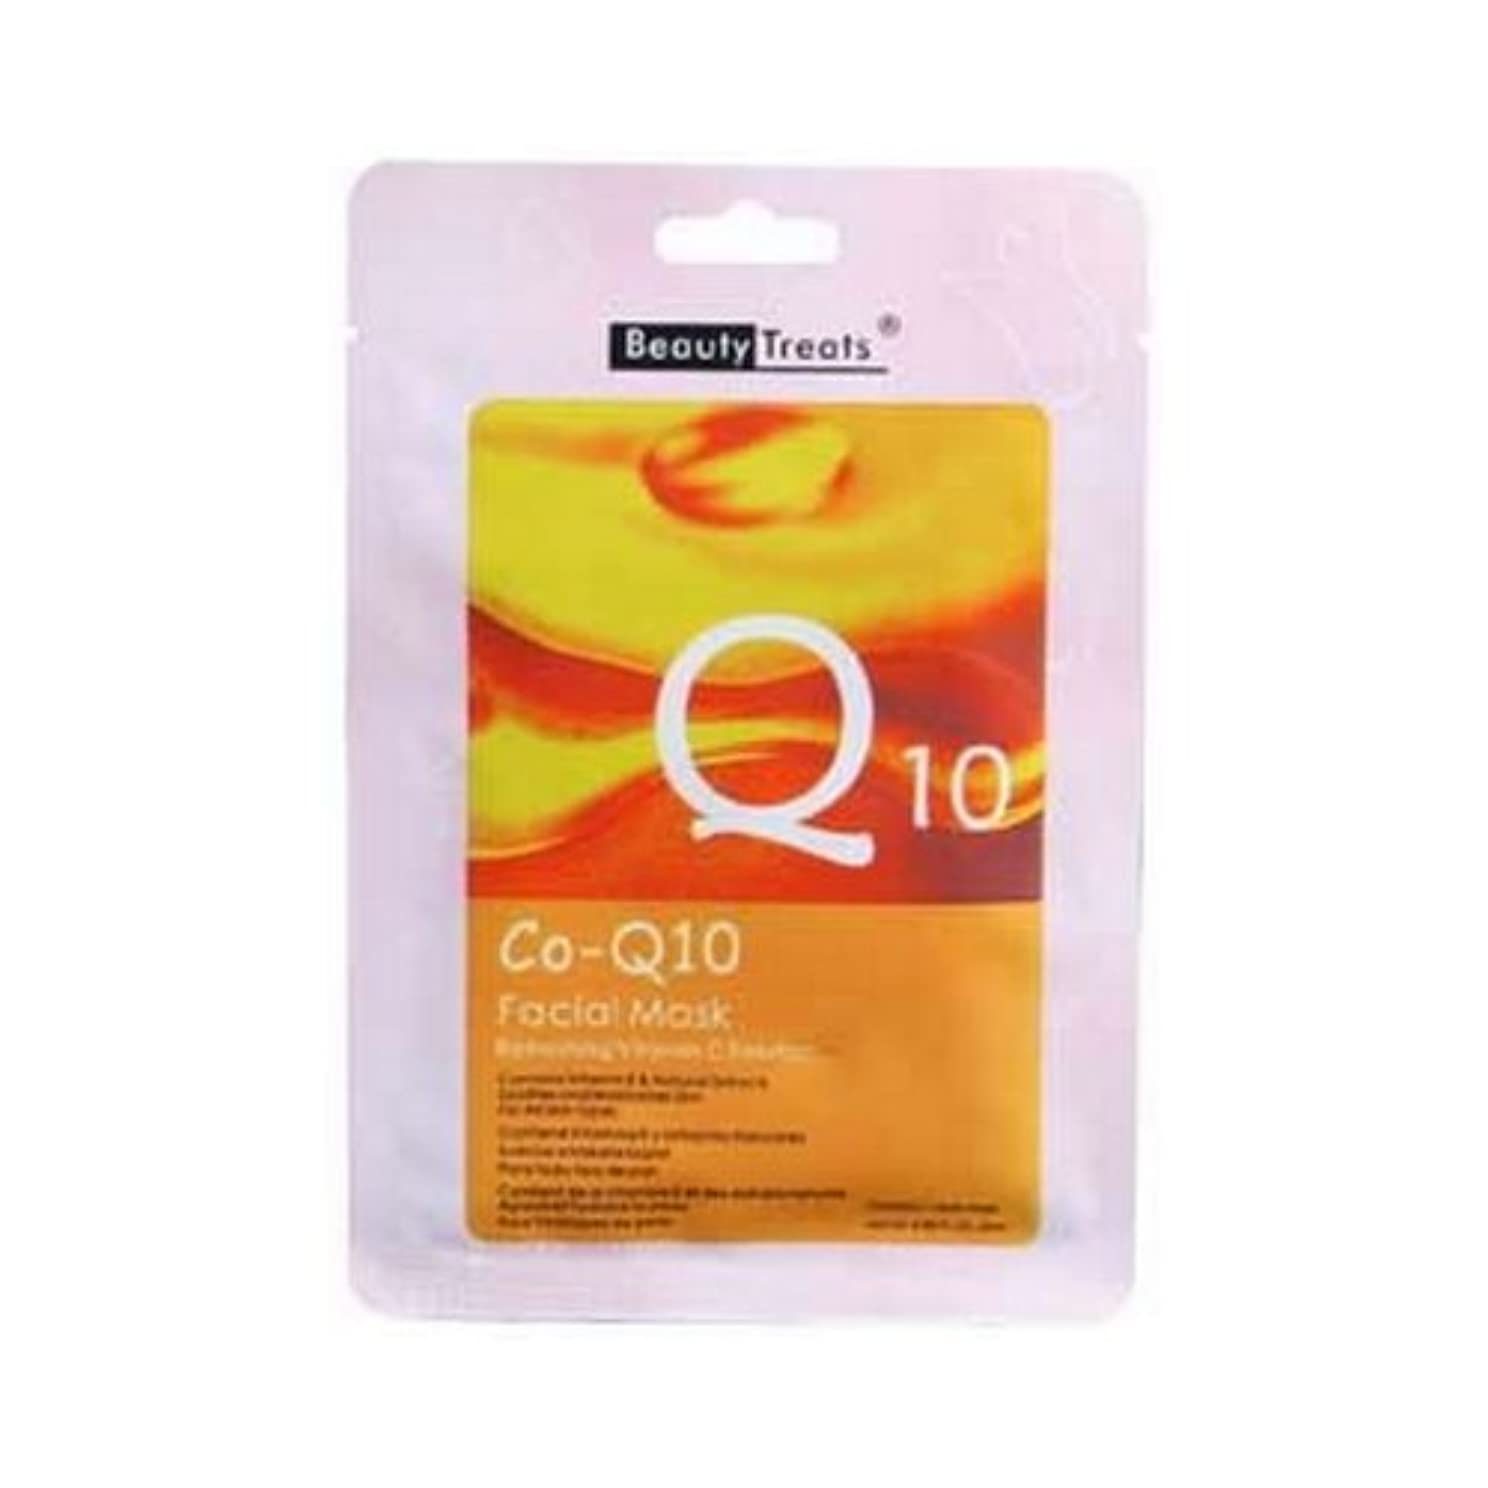 眠いです時折思われる(3 Pack) BEAUTY TREATS Facial Mask Refreshing Vitamin C Solution - Co-Q10 (並行輸入品)